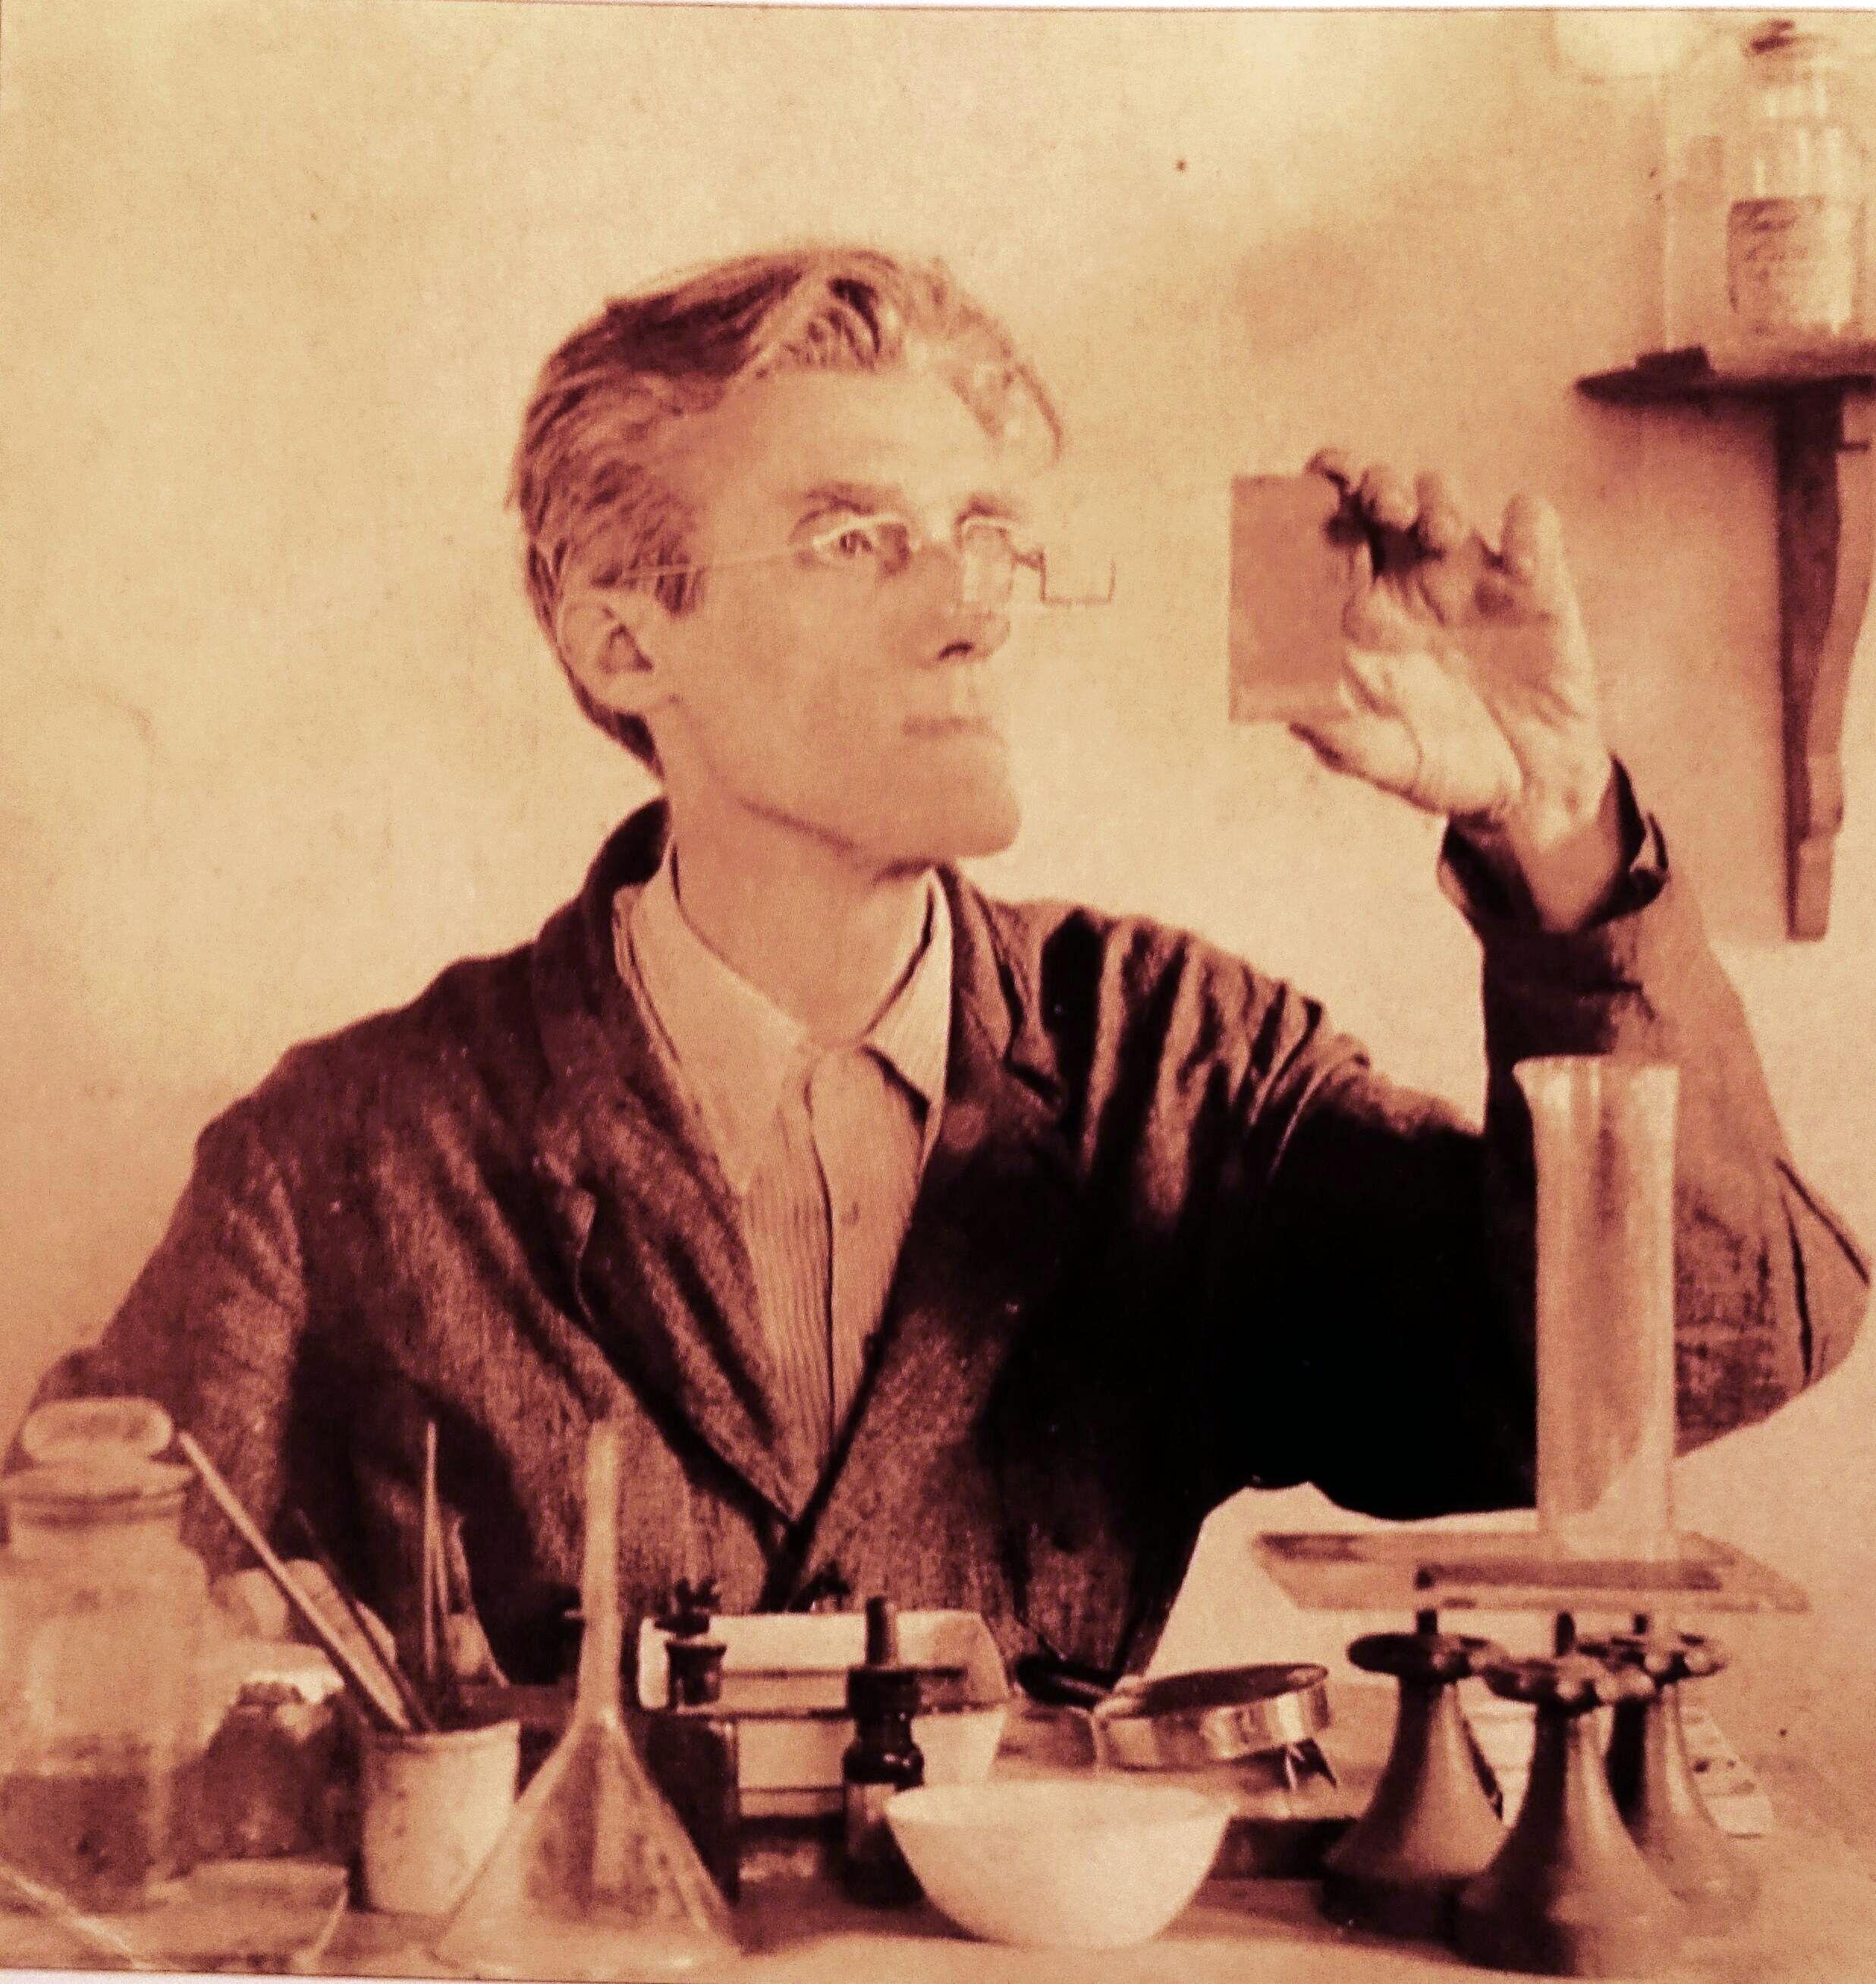 Der Künstler an seinem Arbeitstisch 1947. Bildvorlage: WM-Archiv